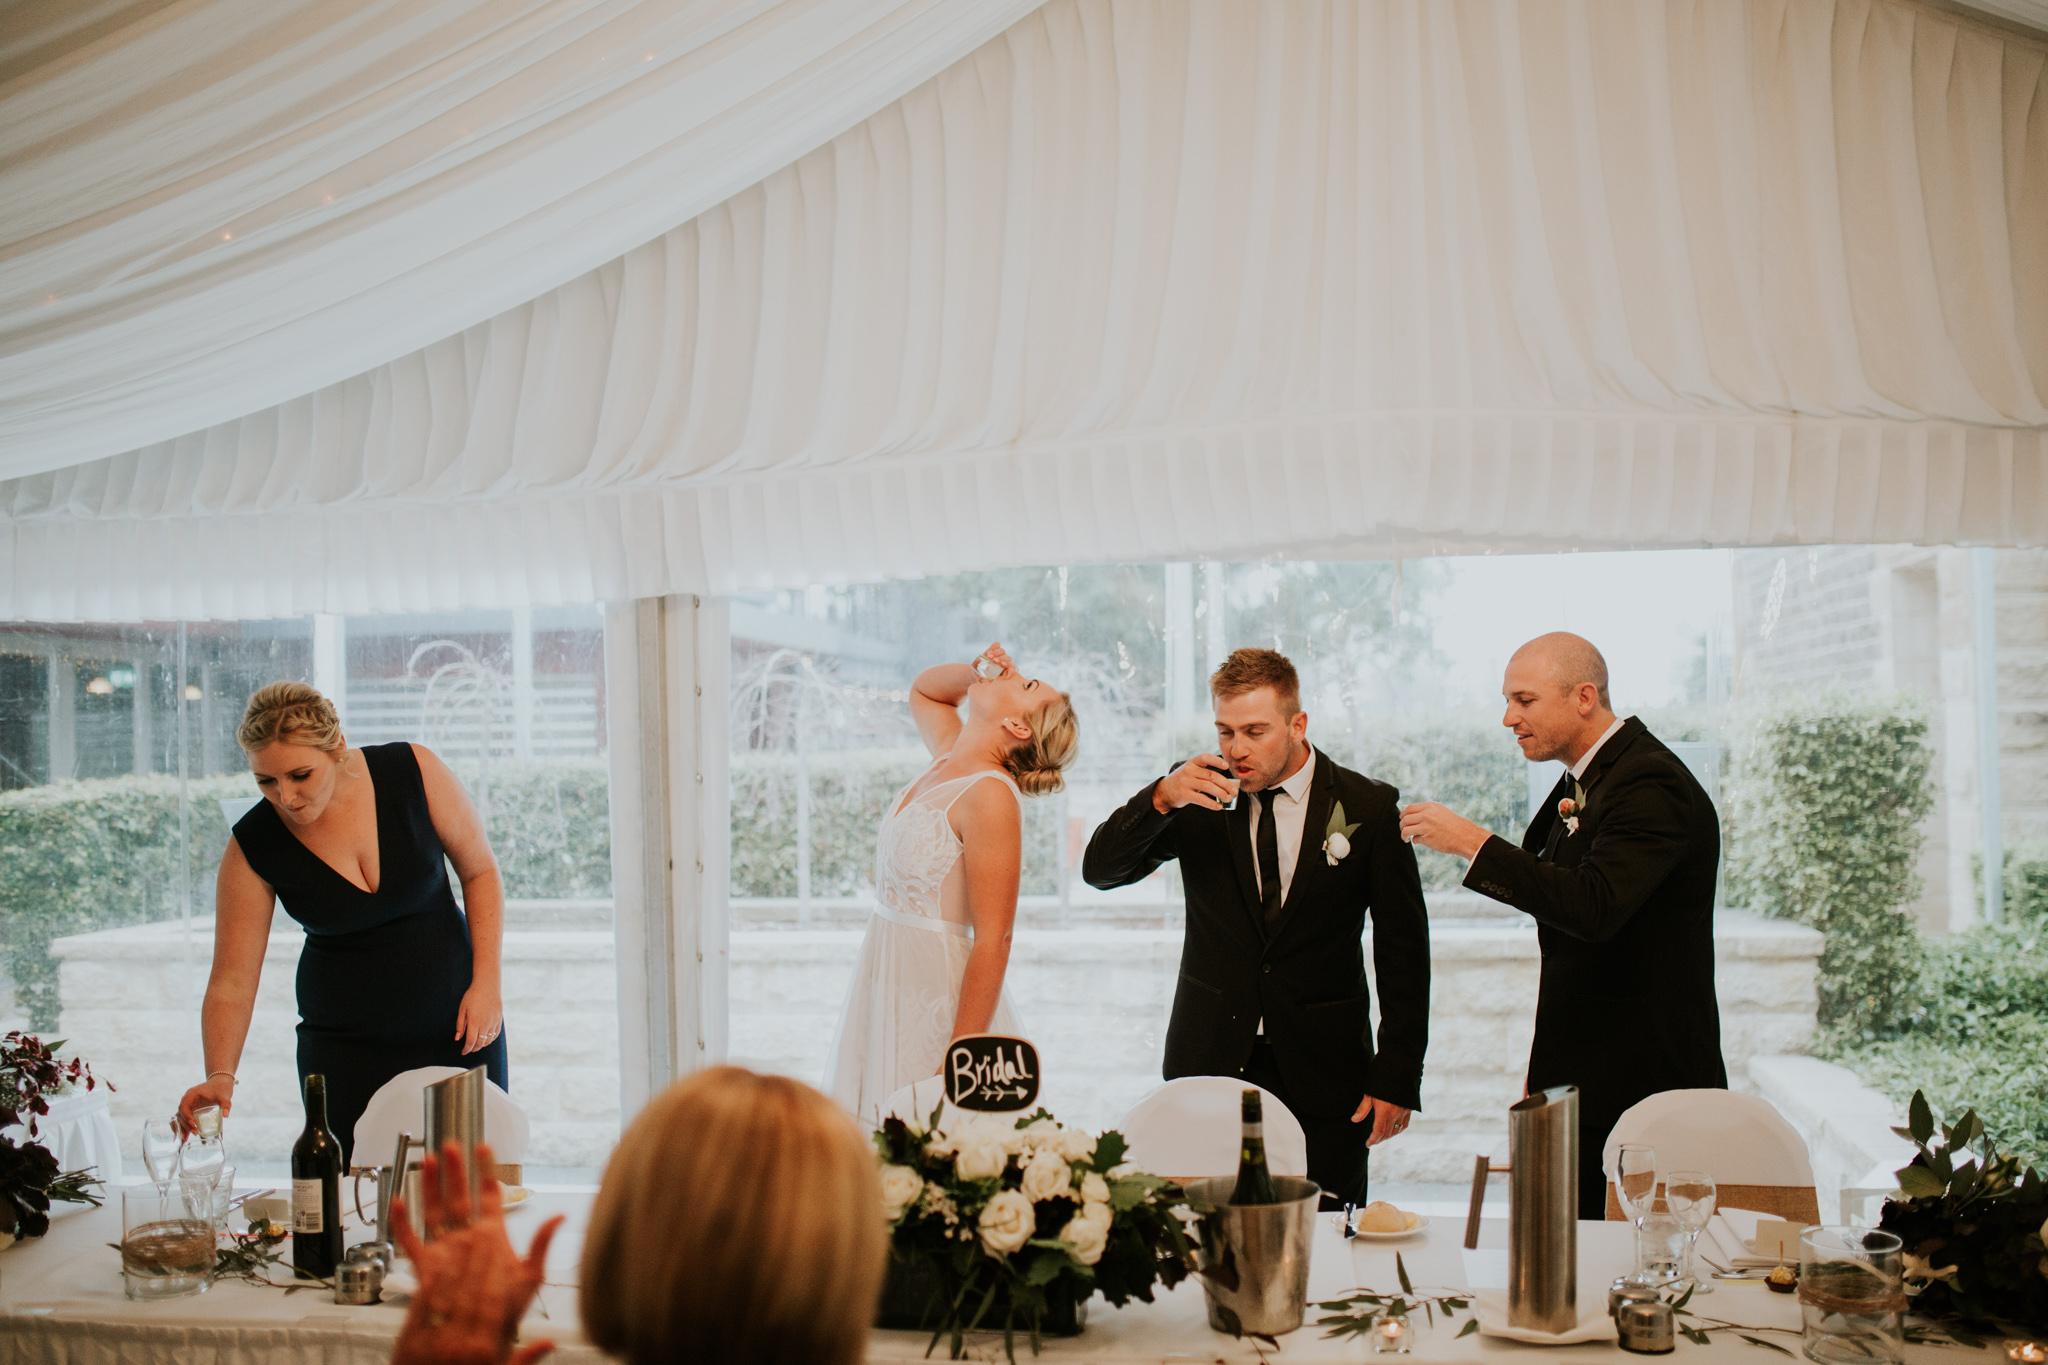 Lucy+Kyle+Kiama+Sebel+wedding-134.jpg